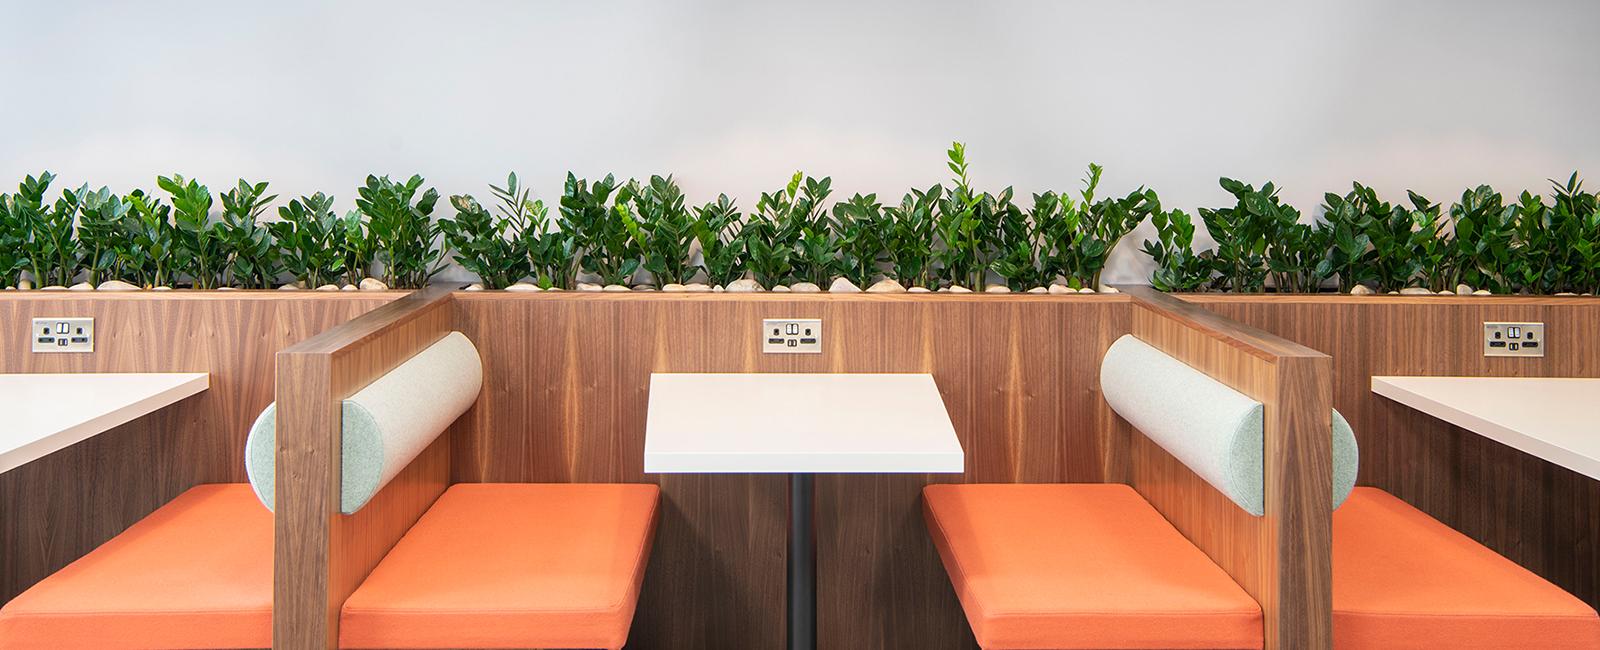 plants v1